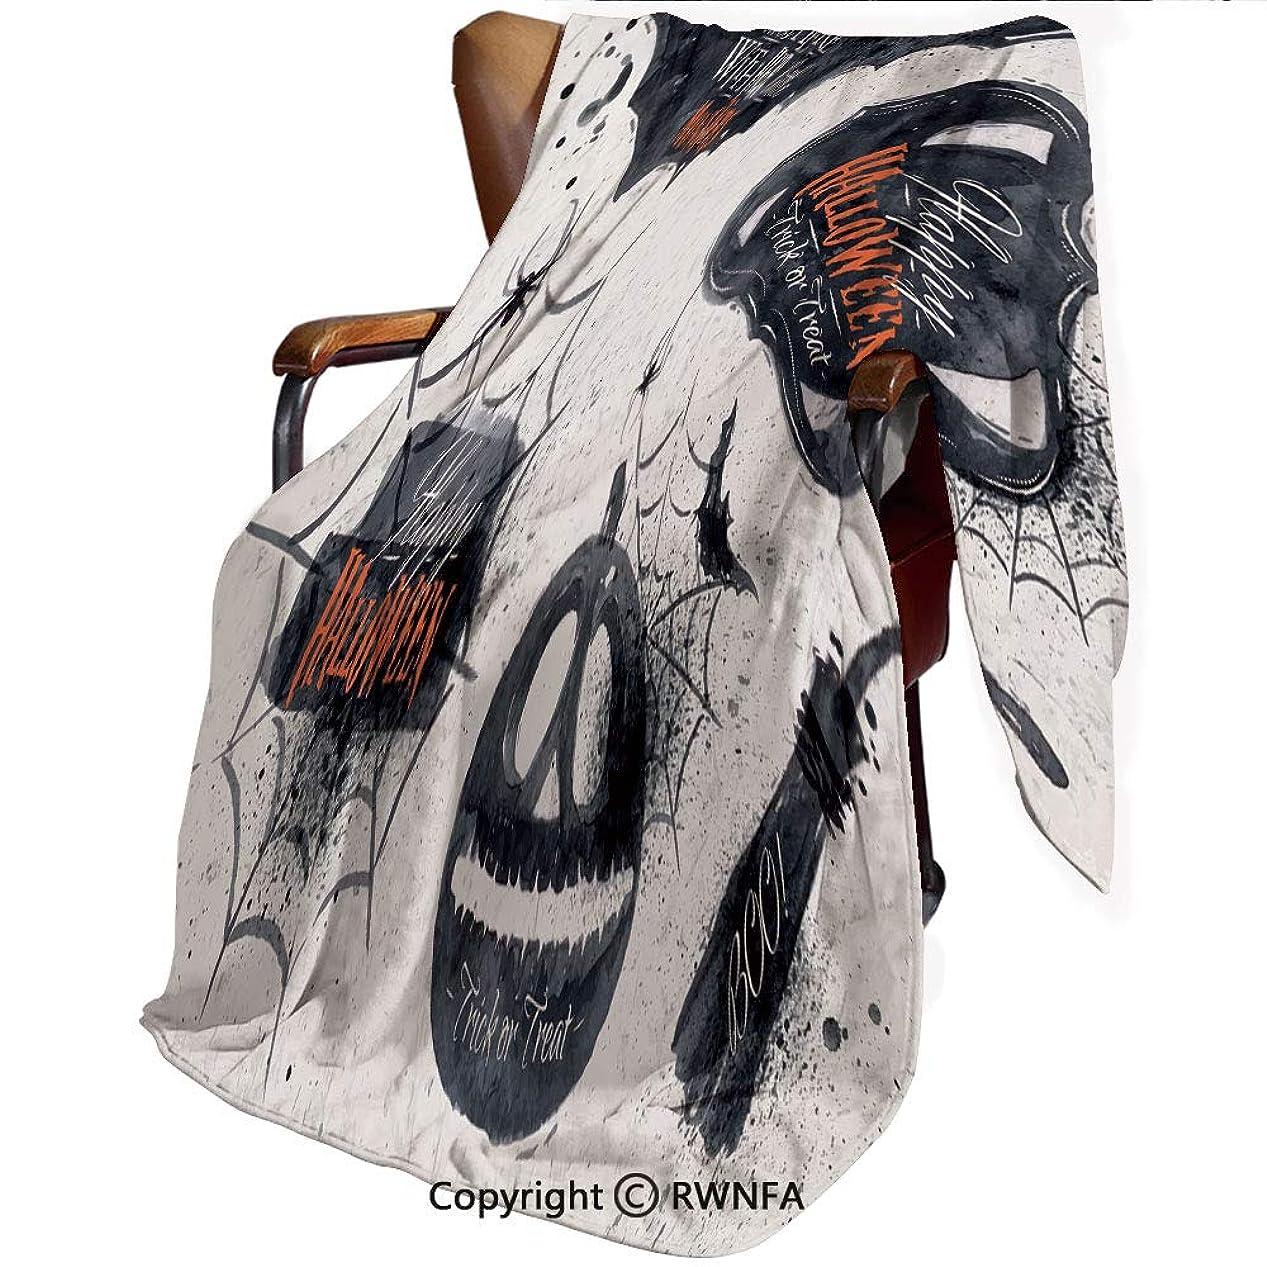 ロースト悪名高い表示印刷者 毛布 シングル ネイビー マイヤー毛布 ハロウィーンシンボルハッピーホリデー魔女はここに住んでいますほうきのくものWeb装飾 ブラックホワイト プレミアム マイクロファイバー 軽い 発熱効果 セミダブル 防寒毛布 洗濯OK 冷房対策 通年使 160x100cm